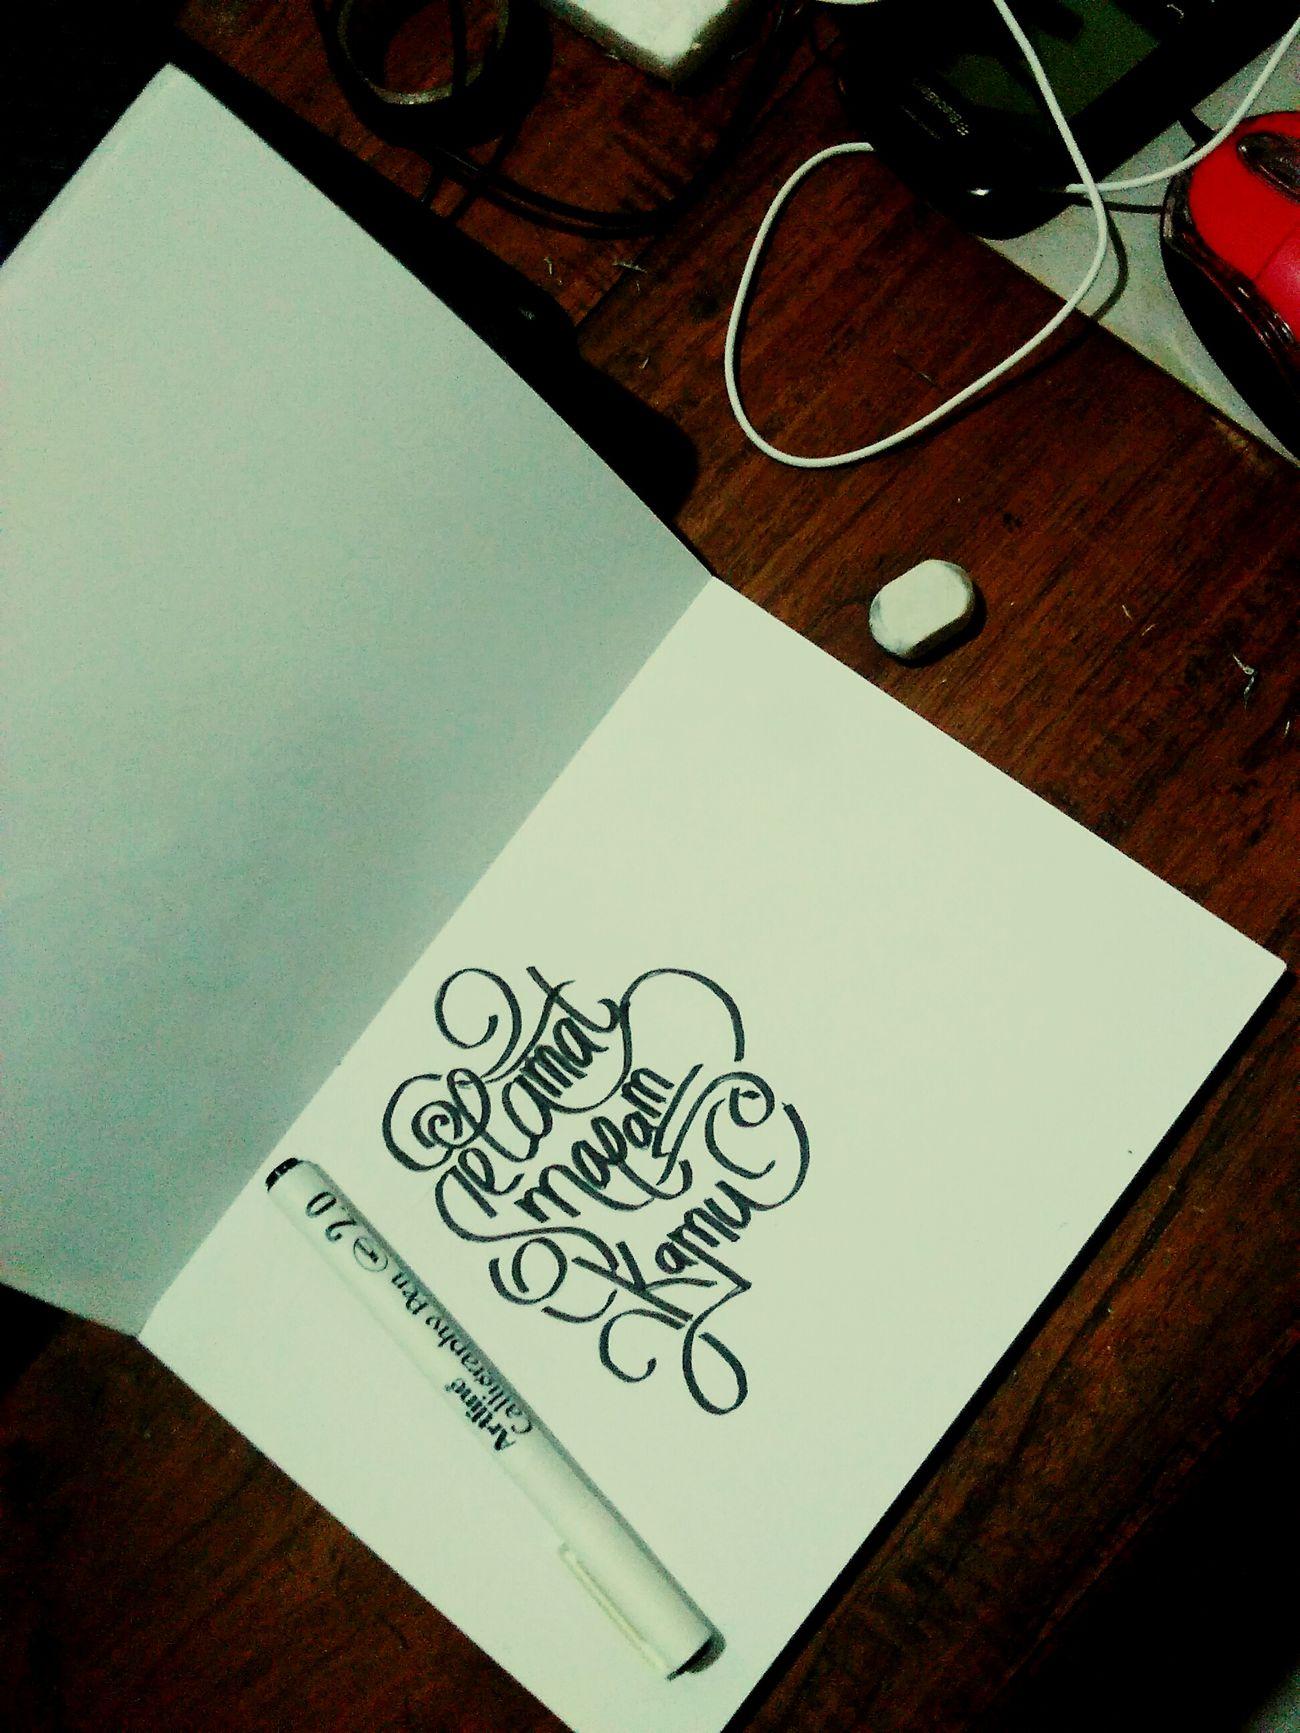 Selamat malam kamu Art ArtWork Typography TypographyArt Typographyjember Typographyindonesia Lettering Letteringjember Letteringindonesia Handlettering Handletter Handletteringindonesia